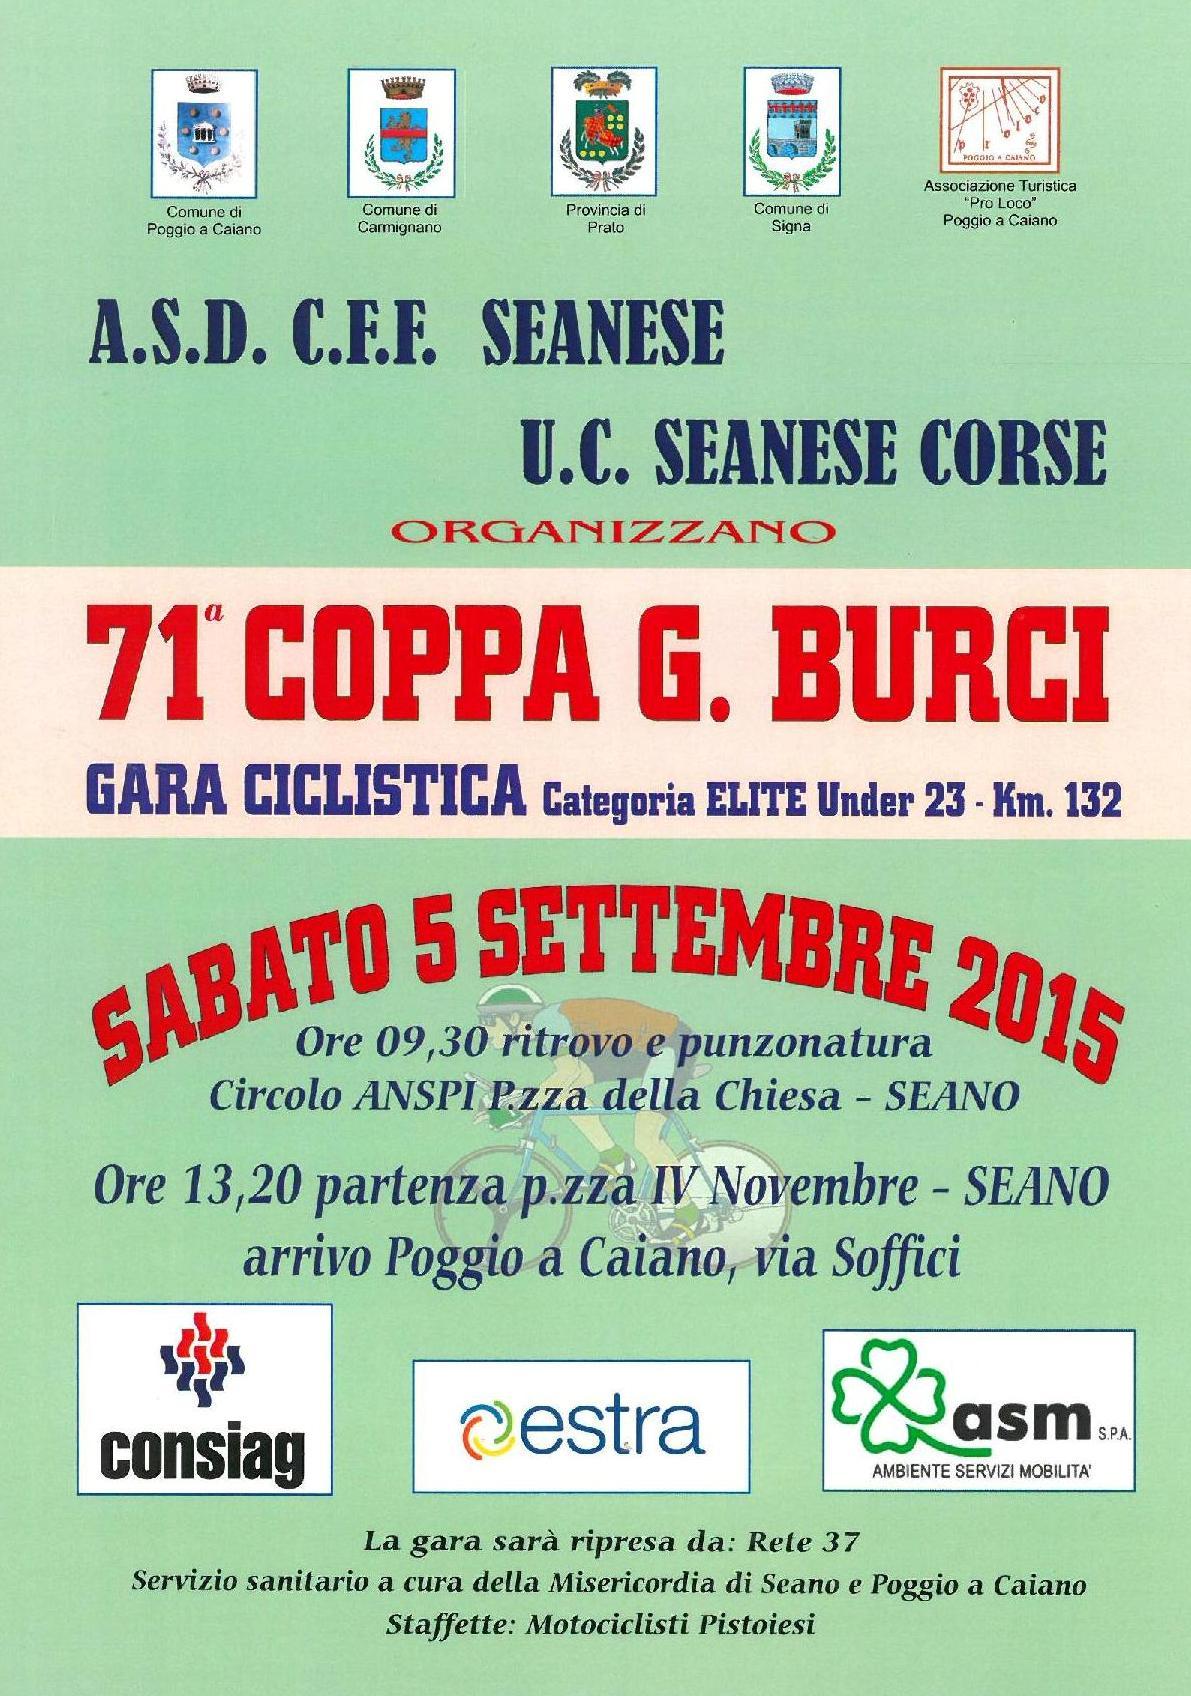 Coppa Burci 2015